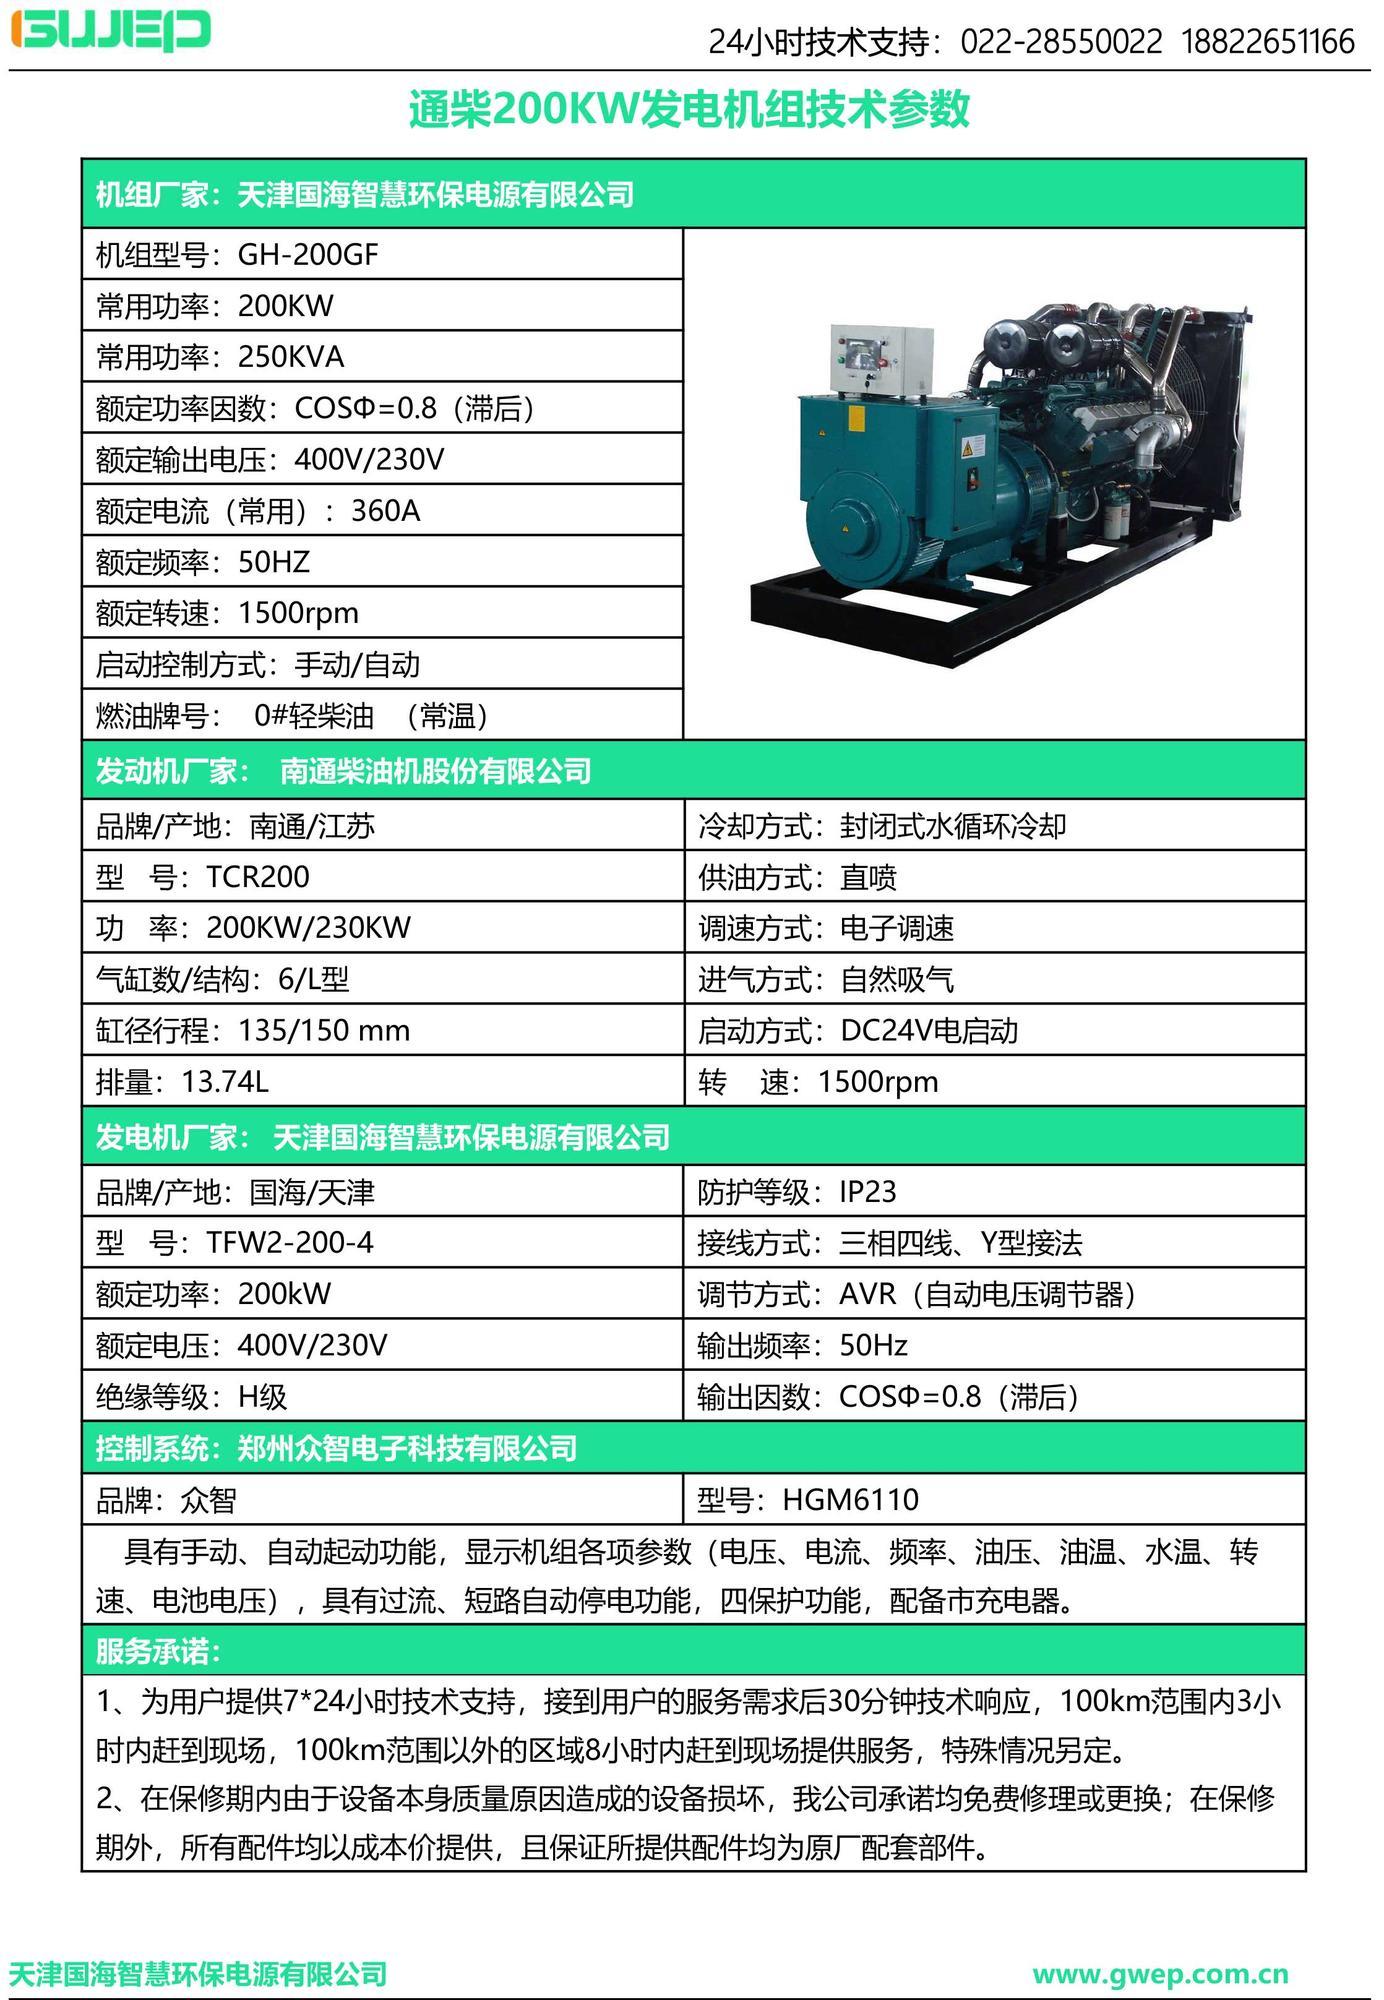 通柴200KW发电机组技术资料-2.jpg